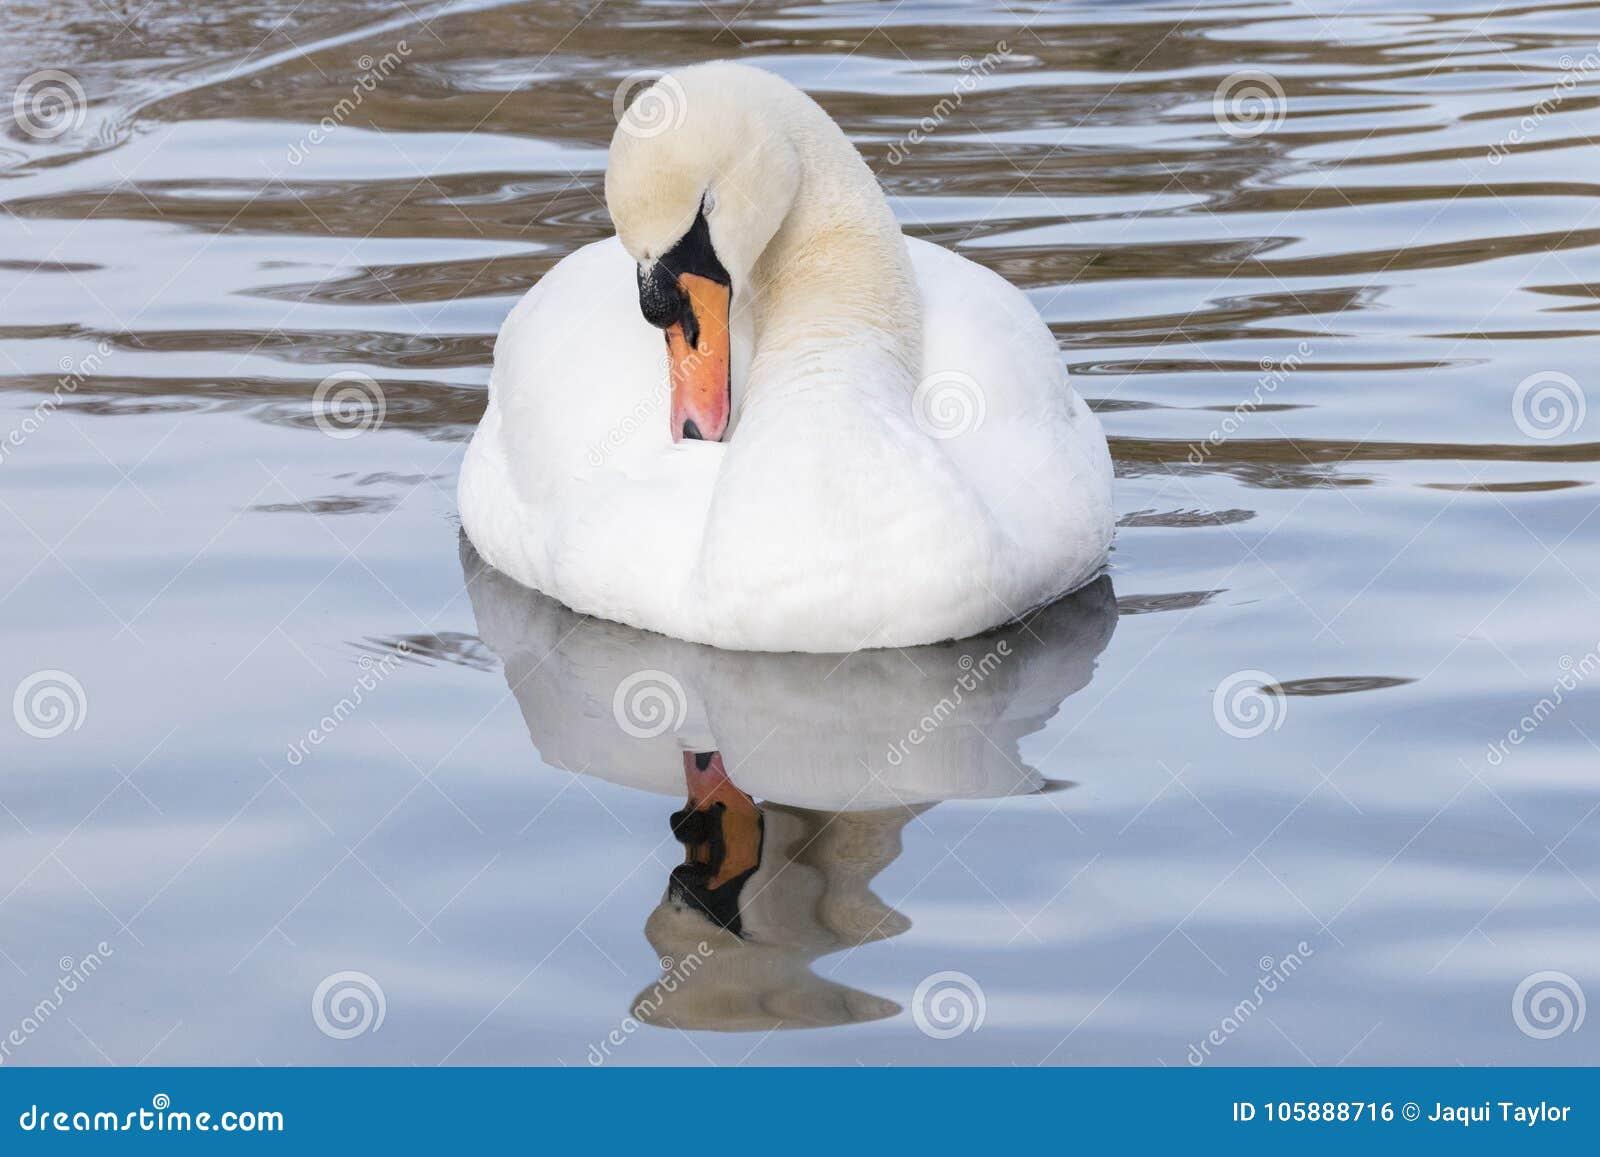 一只白色天鹅在一个冰冷的池塘